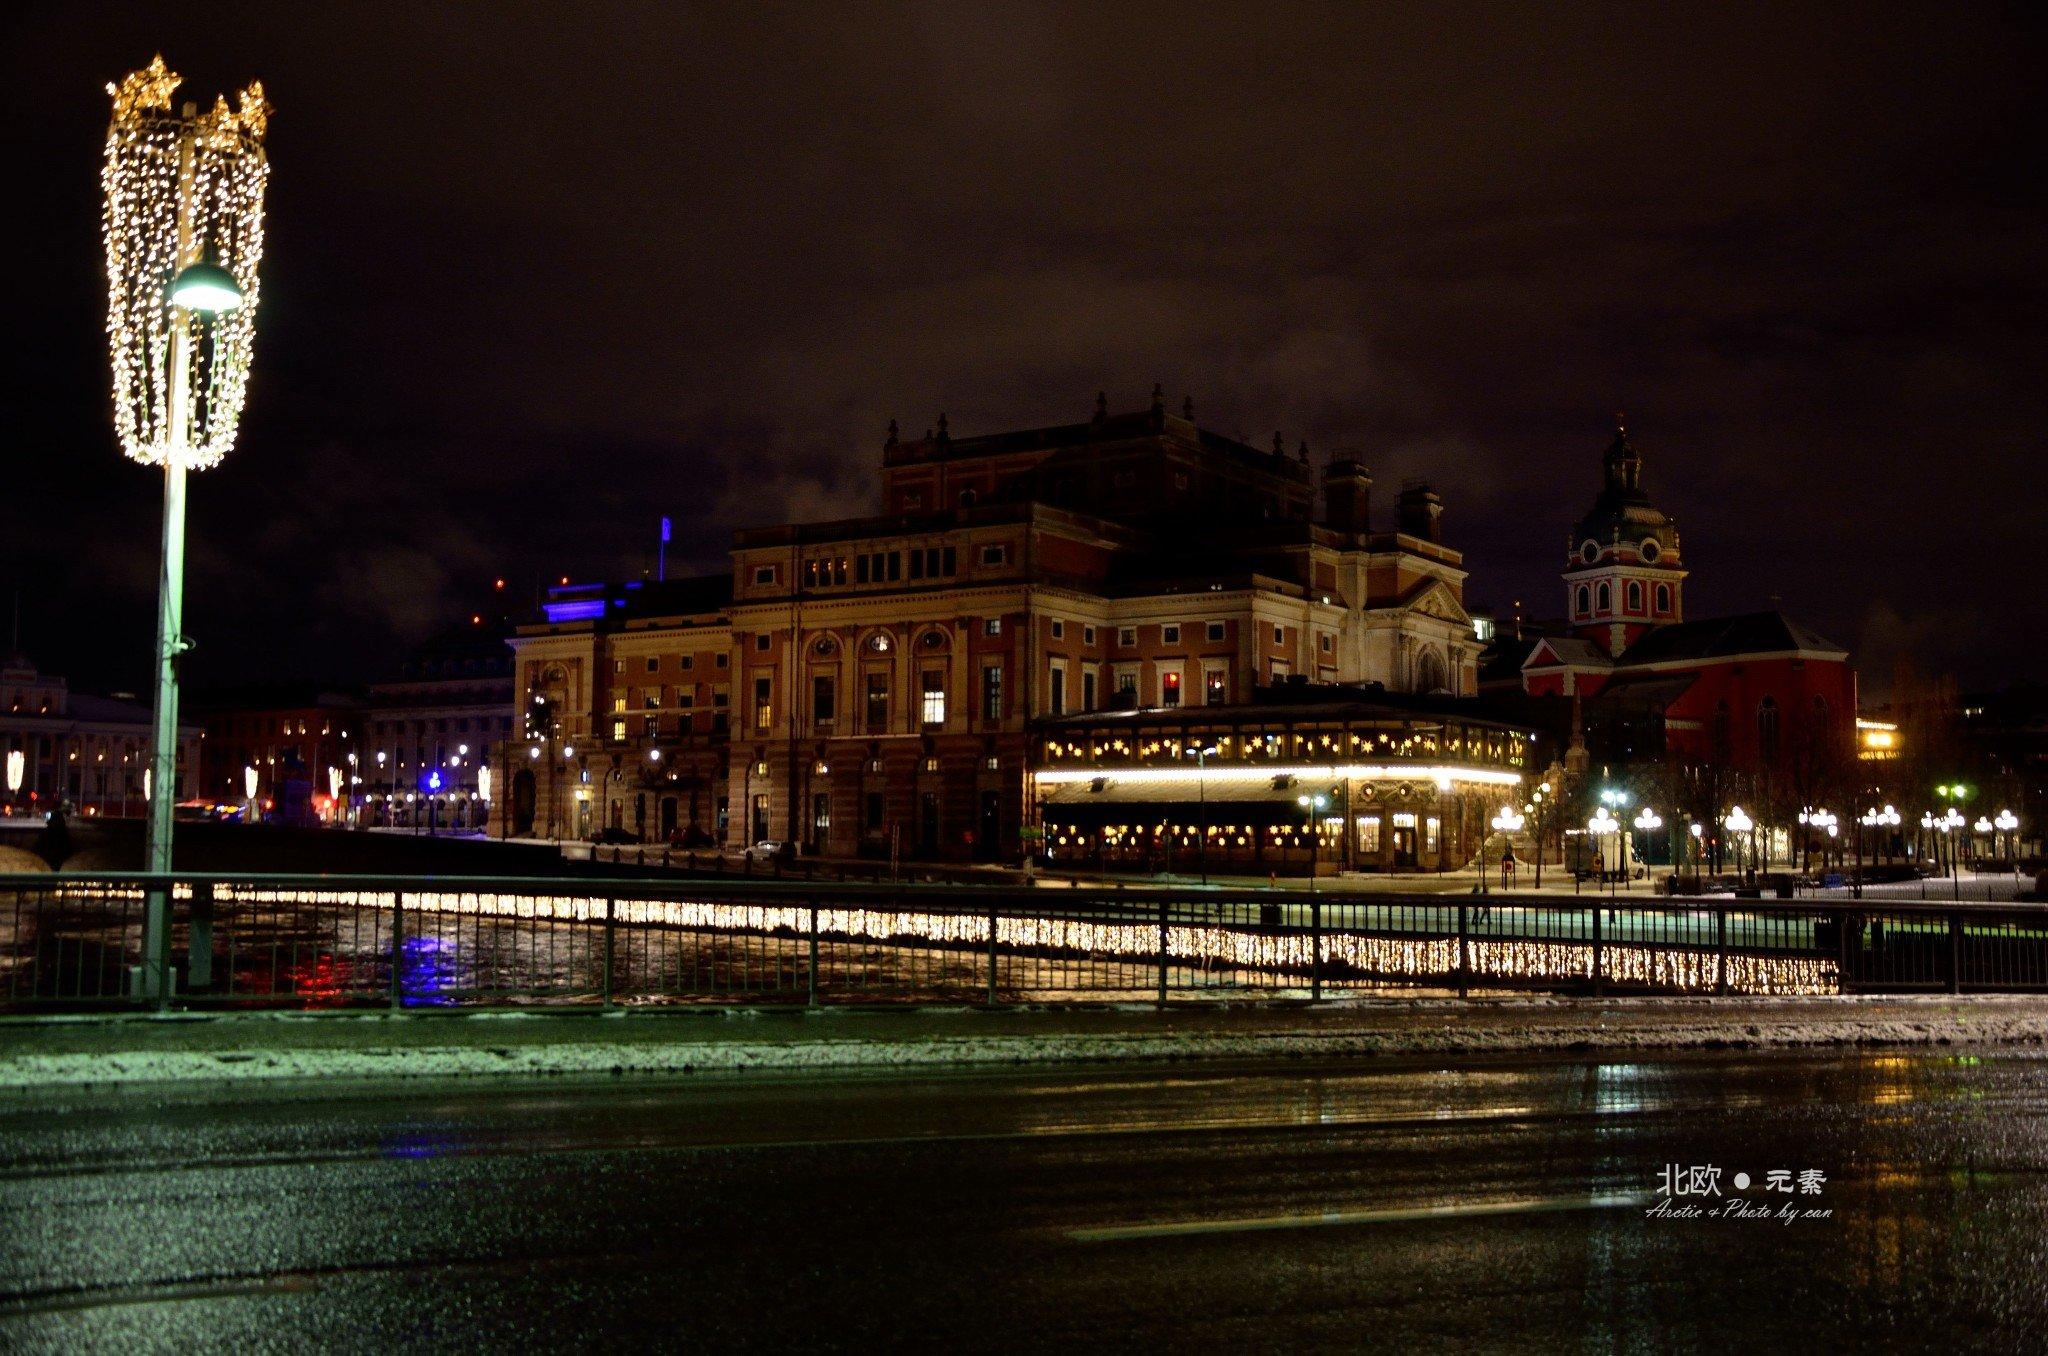 远看瑞典皇宫,又增加了一丝城堡般的神秘感